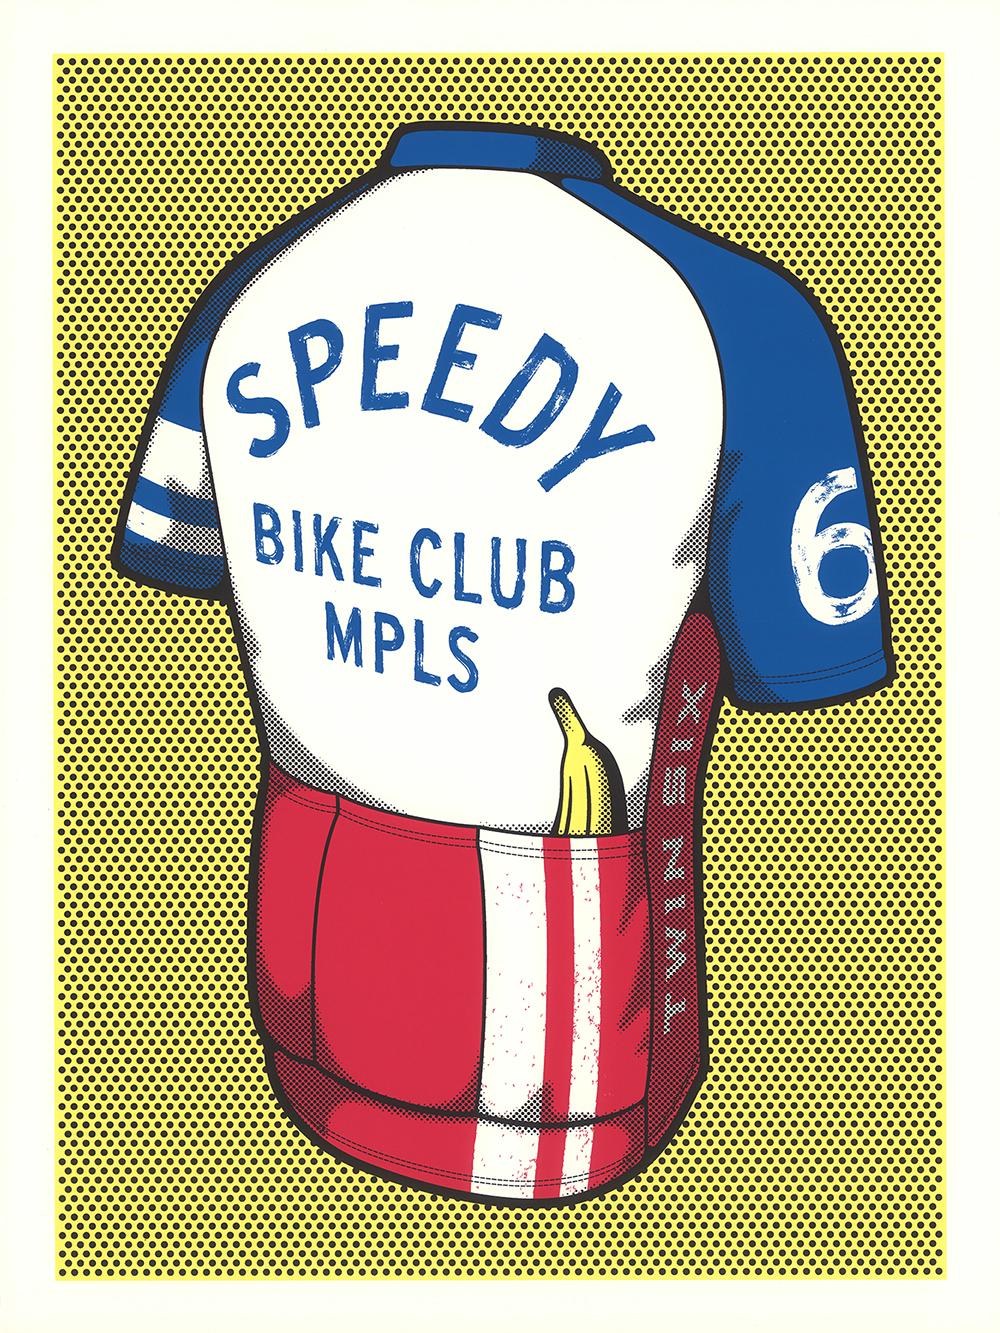 Speedy Bike Club